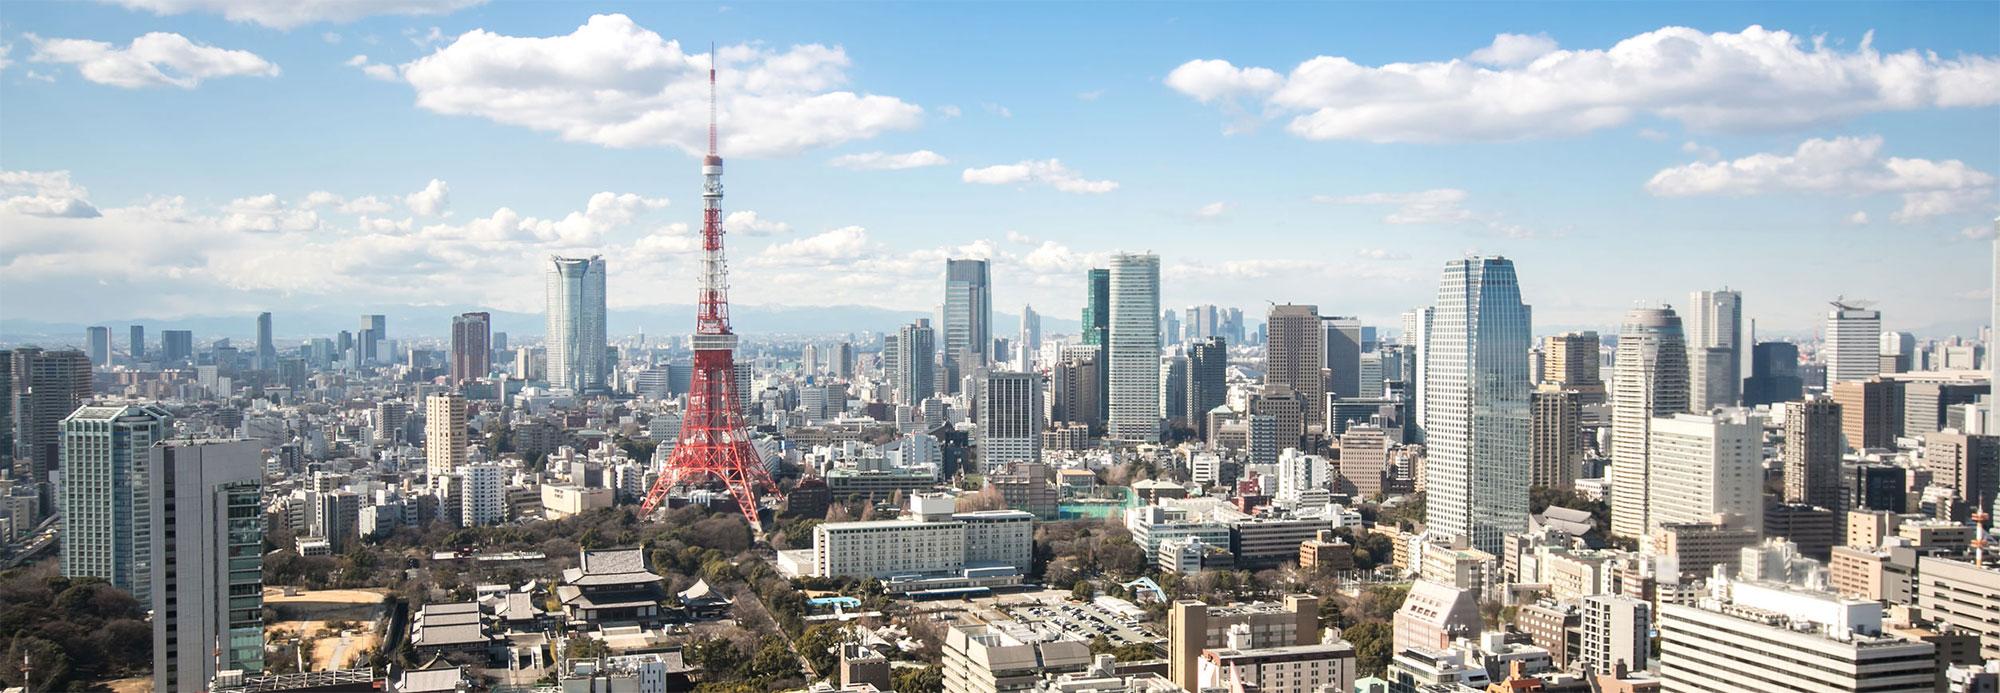 日本からASEANへ、IT製品・サービスを届けます。